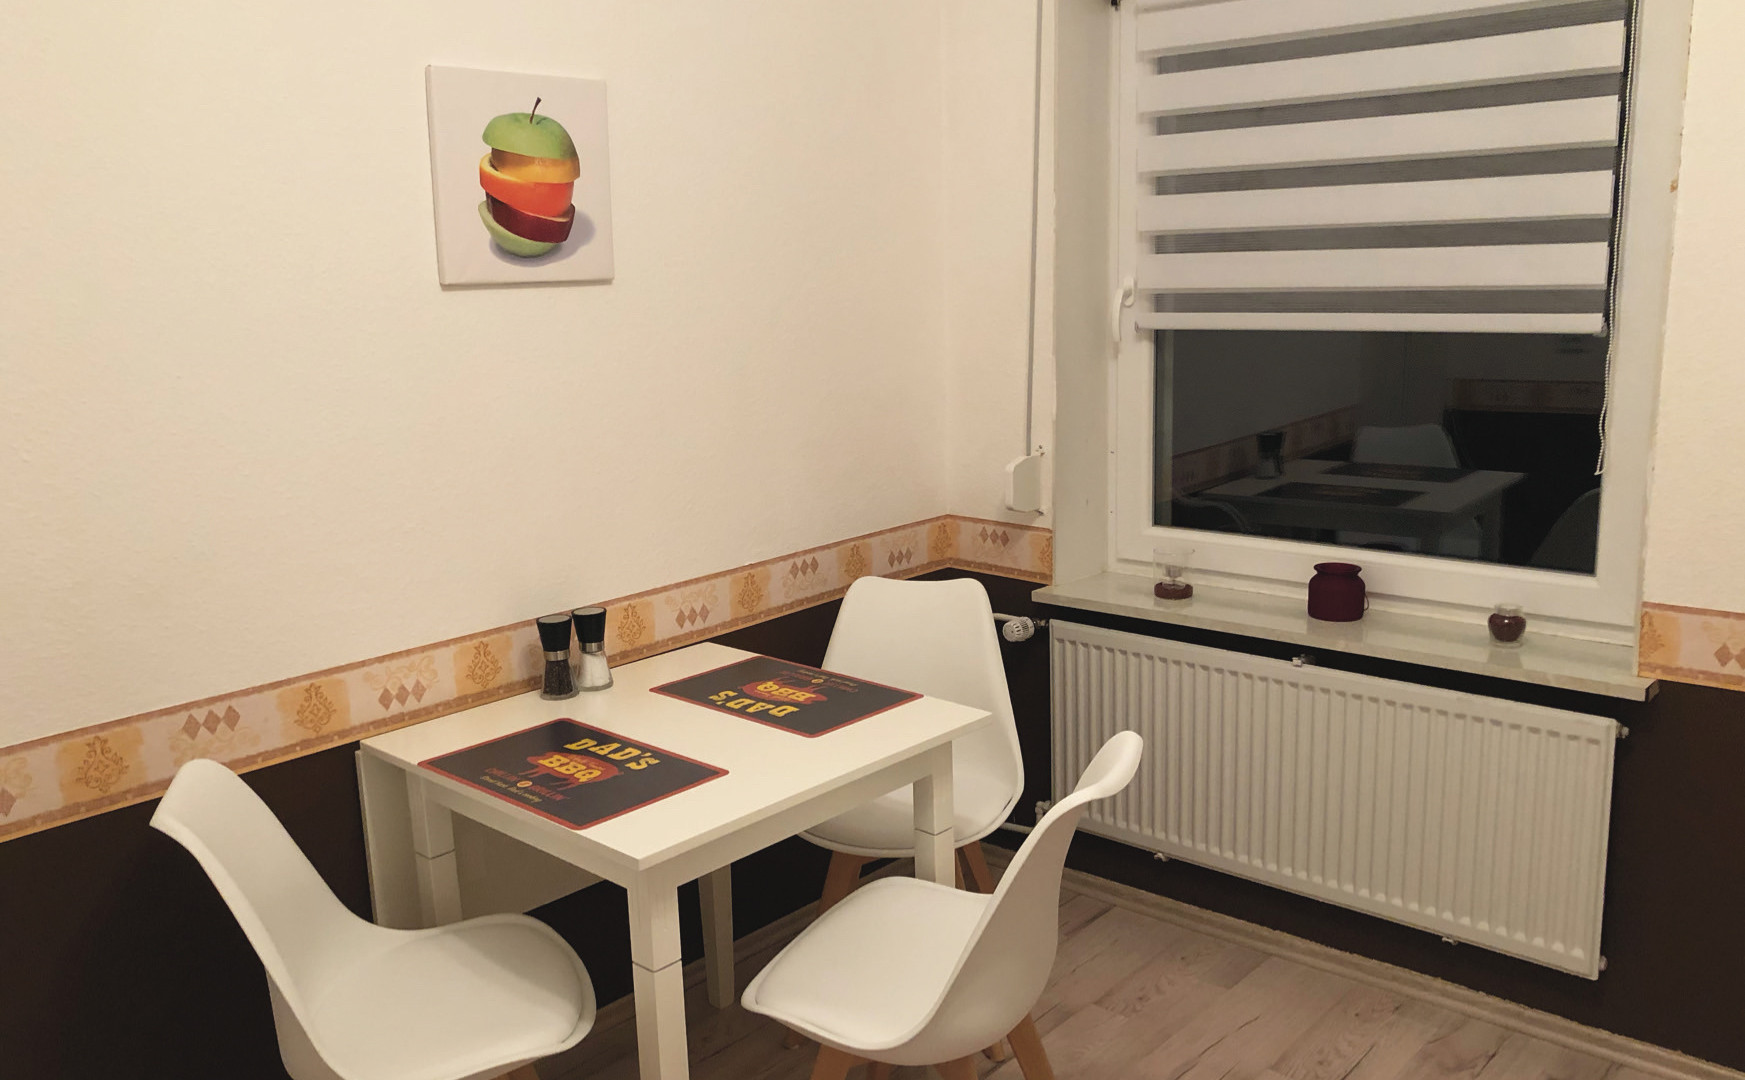 Küche_FeWo_1_Bild_2.jpg